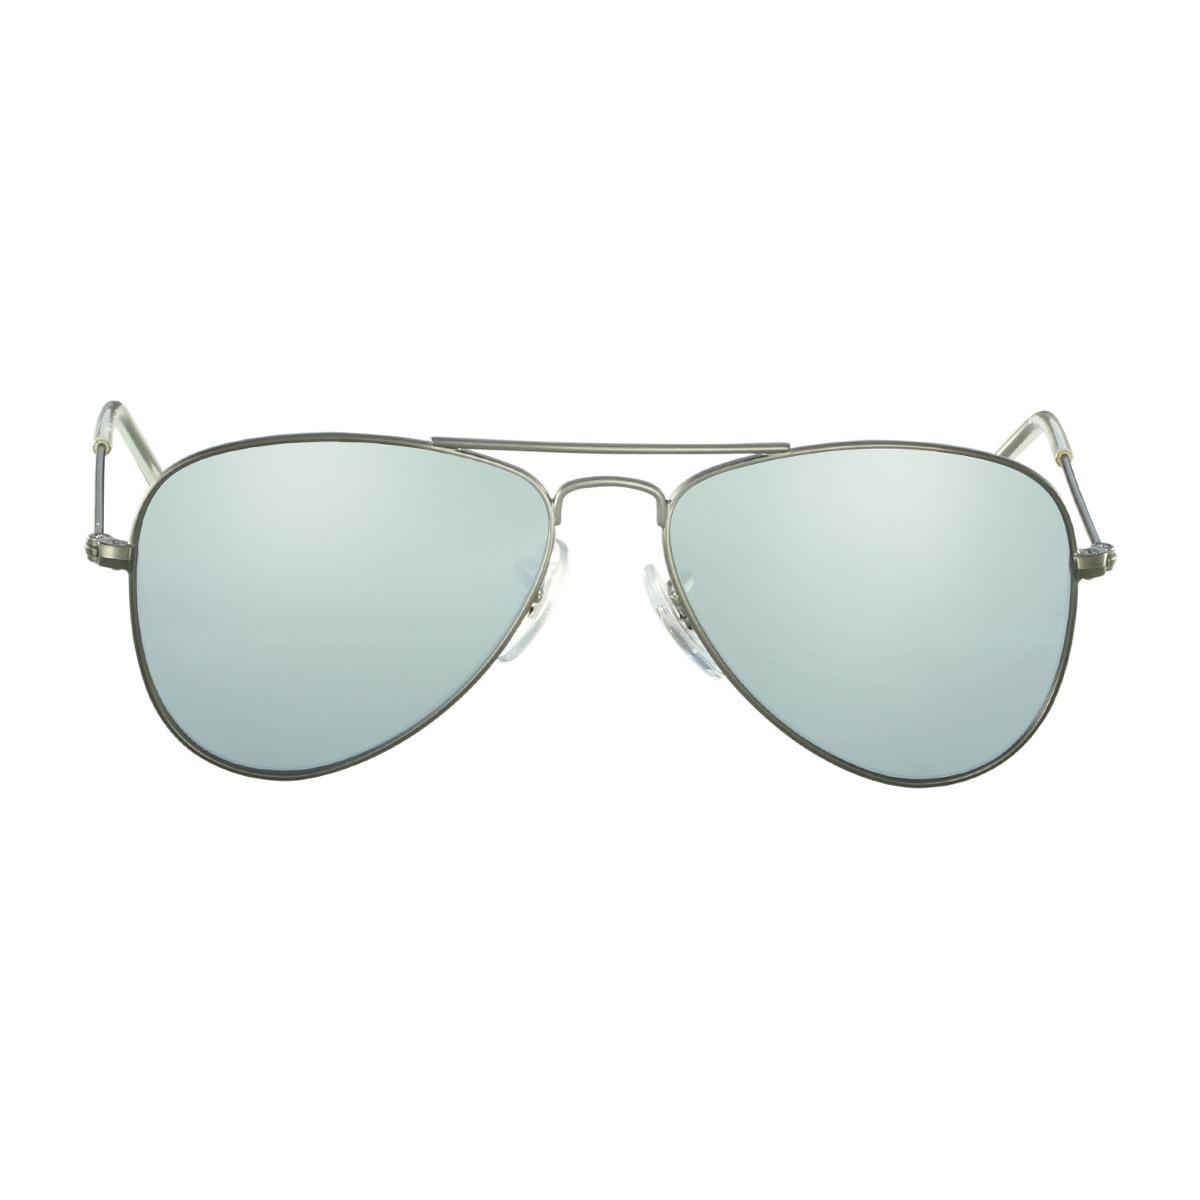 e4260f247b98a Óculos De Sol Rayban Kids Aviador Cinza - R  300,00 em Mercado Livre